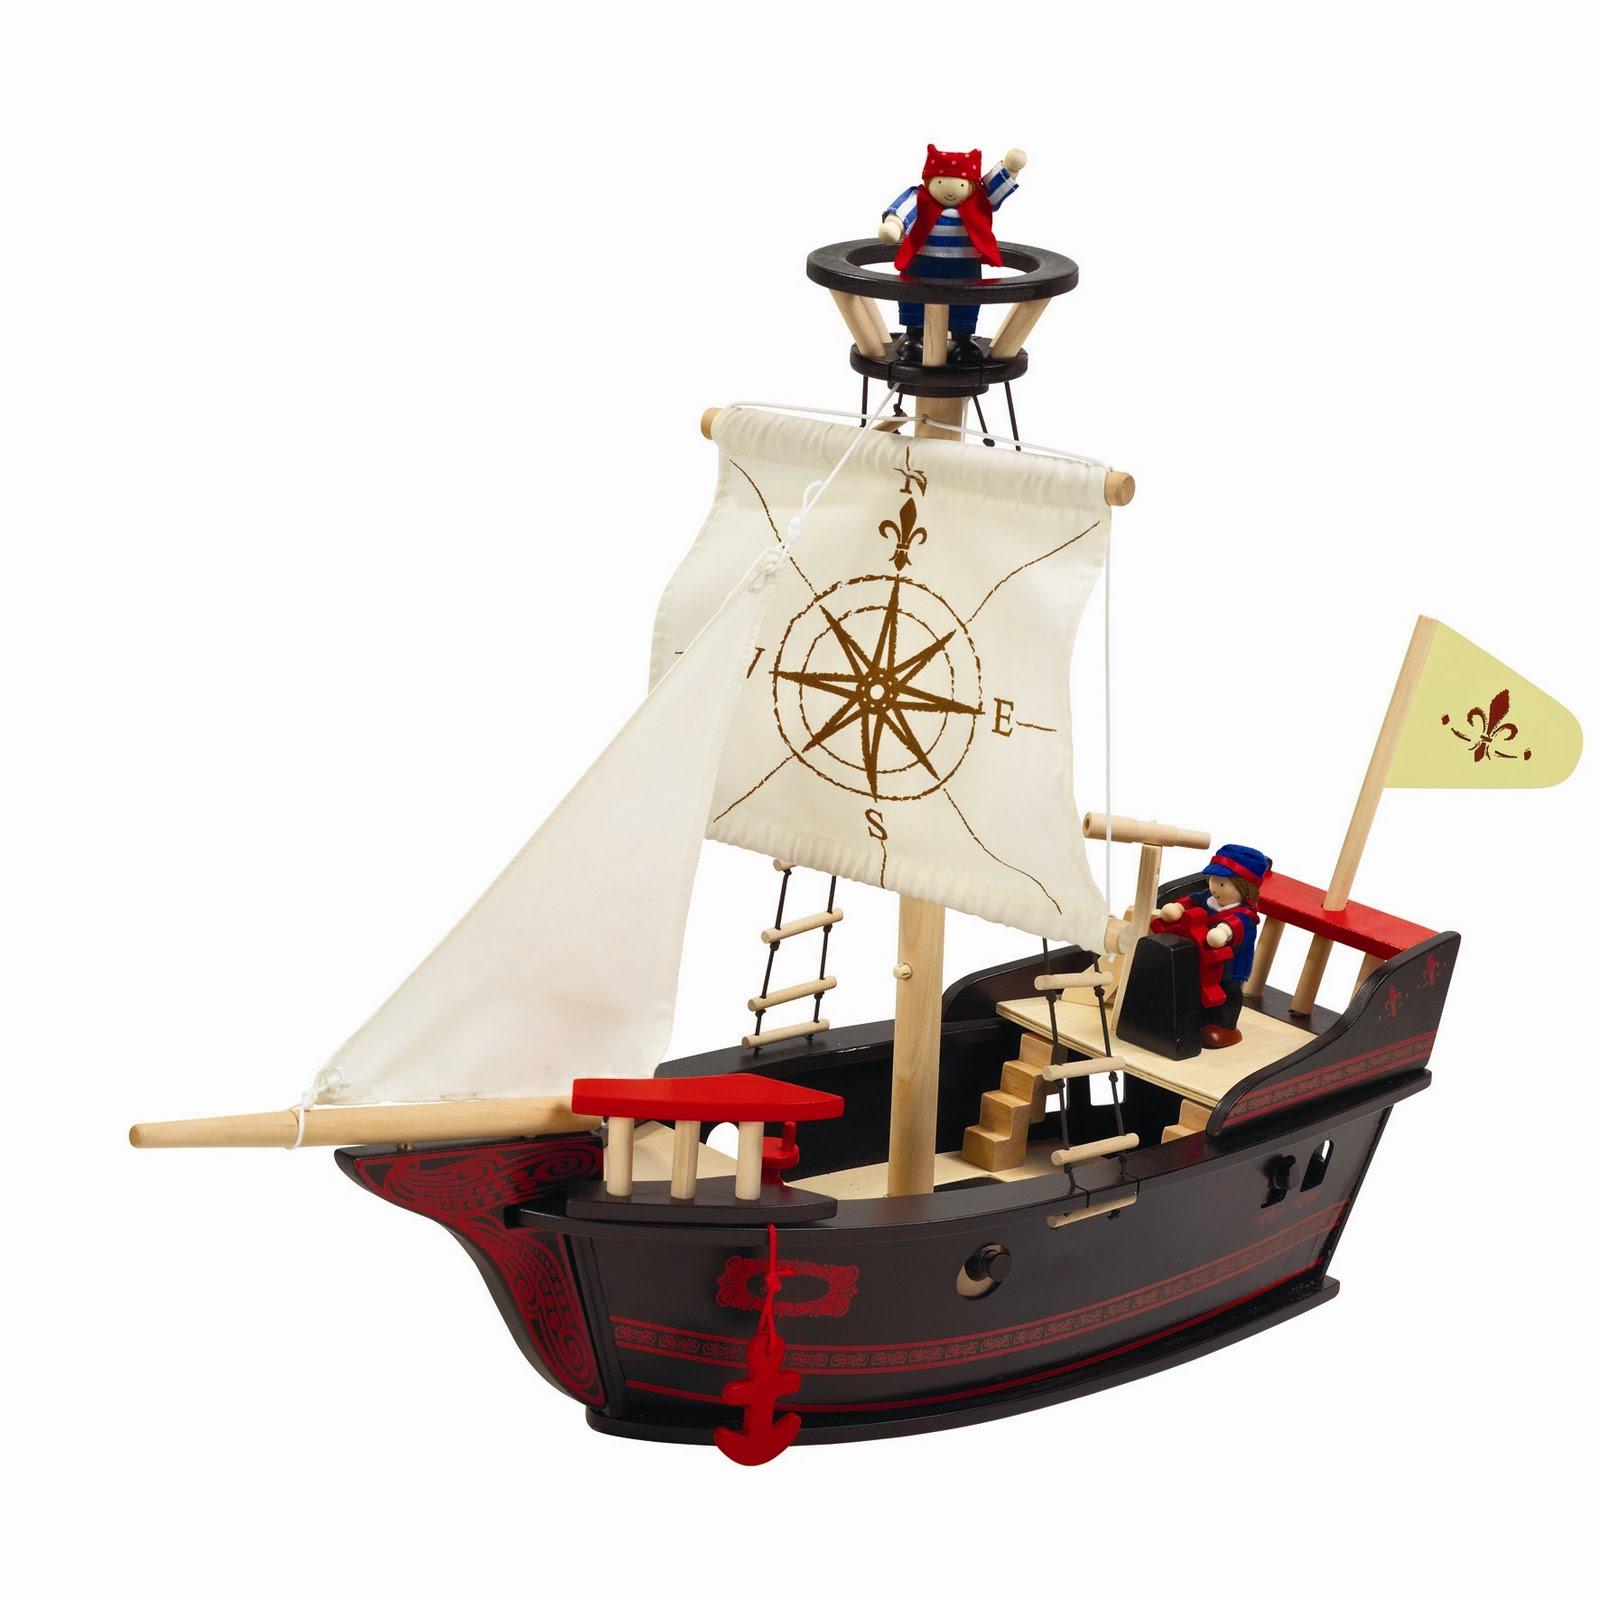 bateau pirate wallpaper - photo #9